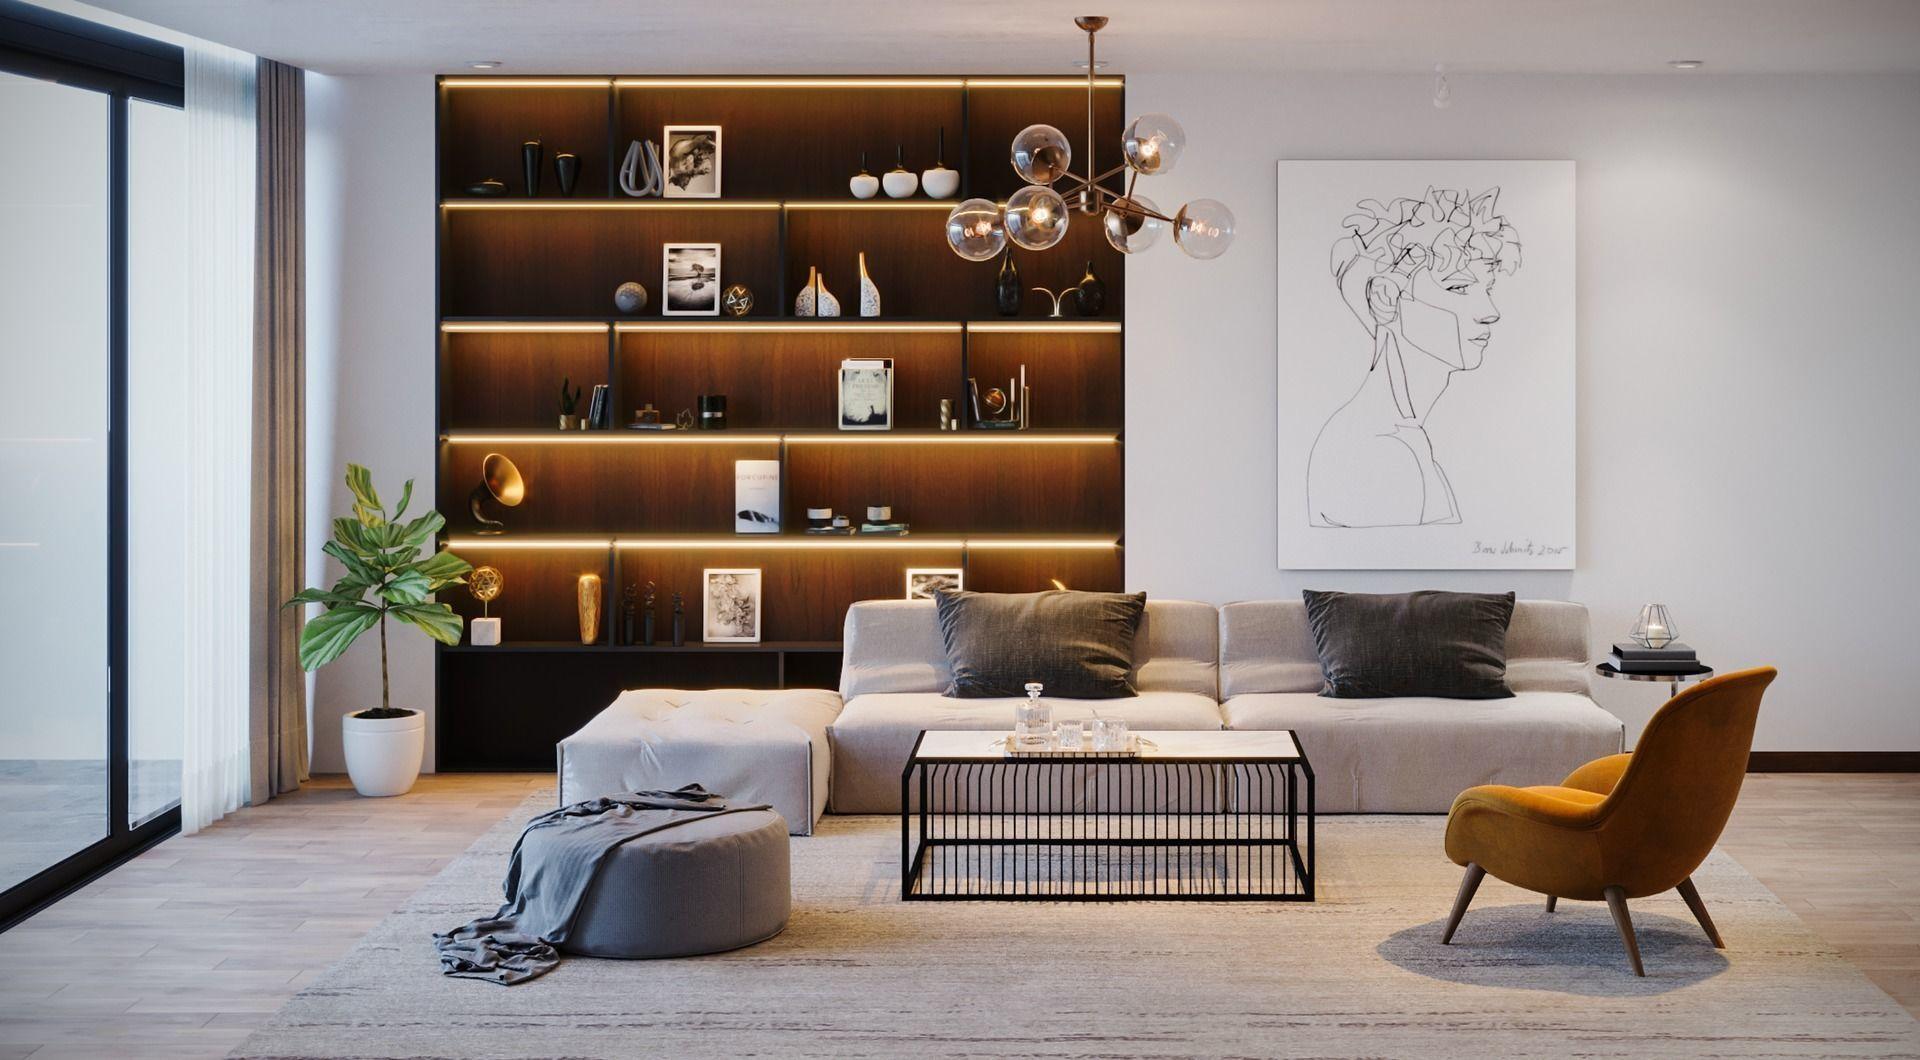 Duplex Apartment 2 3d Model